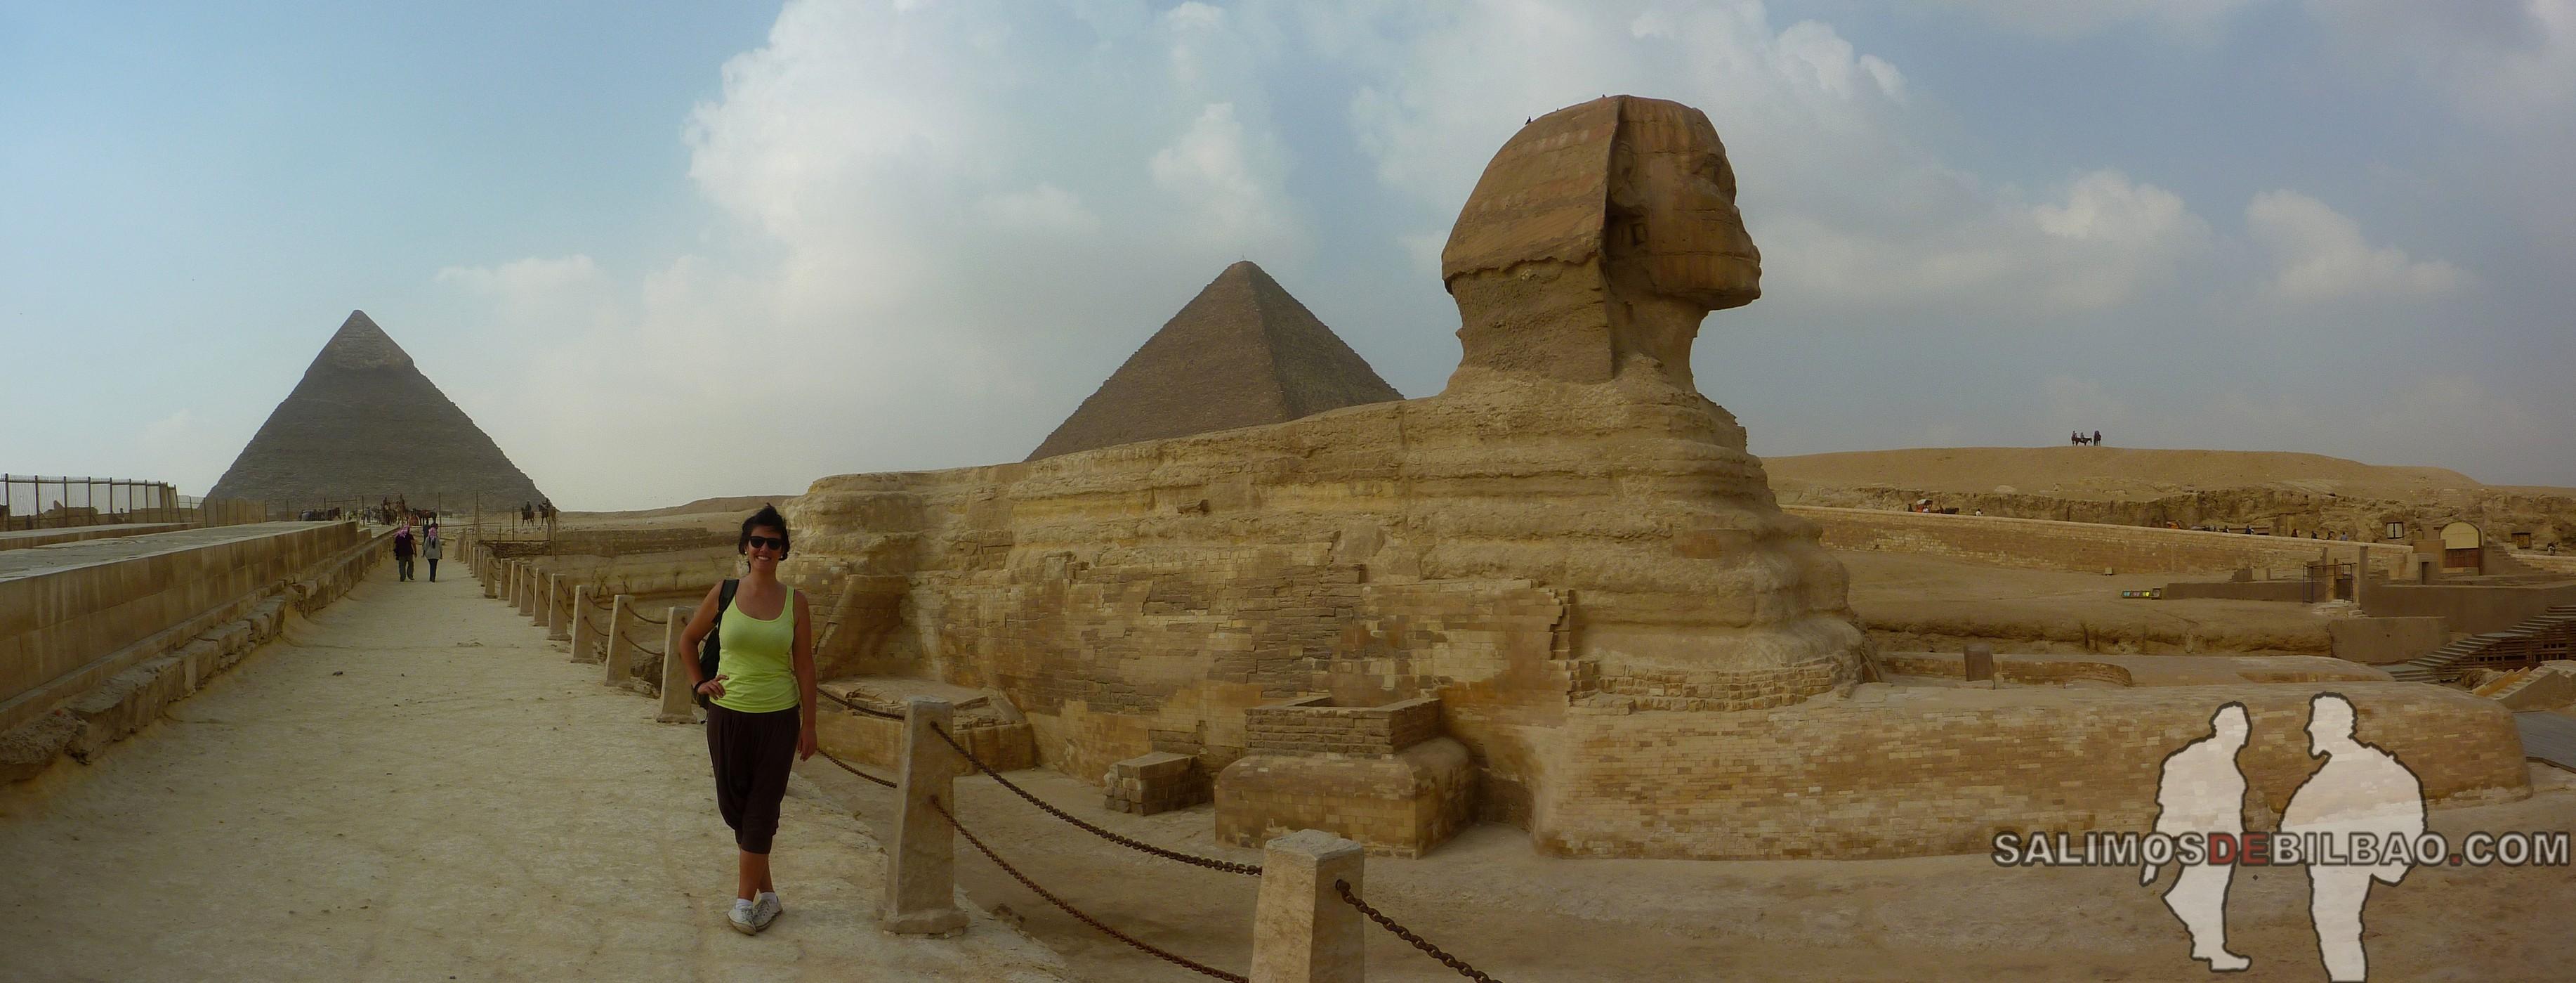 0175. Saioa, Pano, Pirámides de Giza y Esfinge